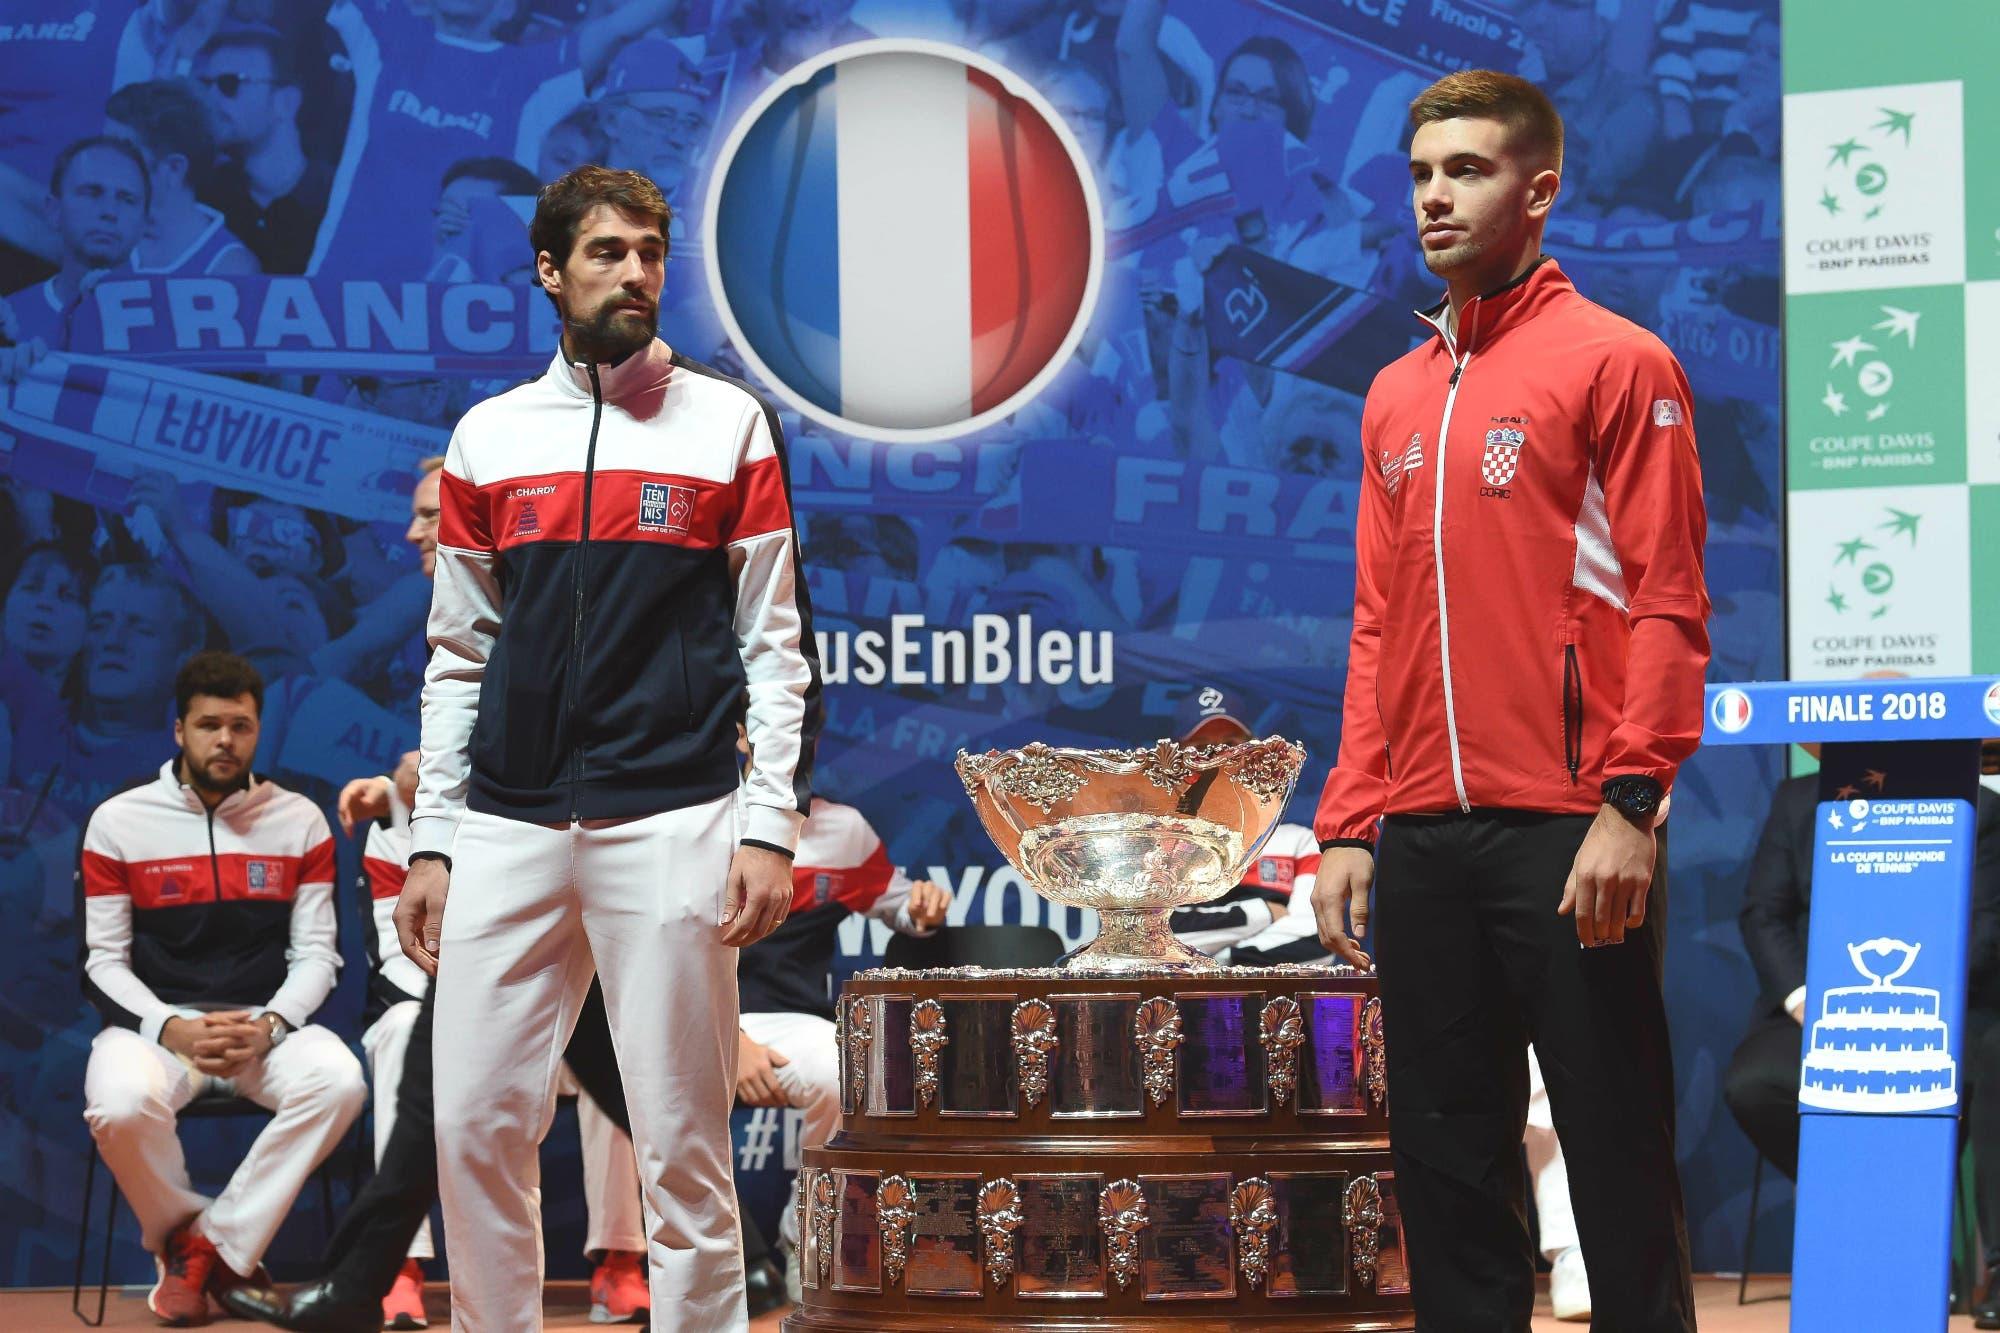 """Copa Davis: Francia y Croacia disputan la última final antes de la """"revolución Piqué"""""""